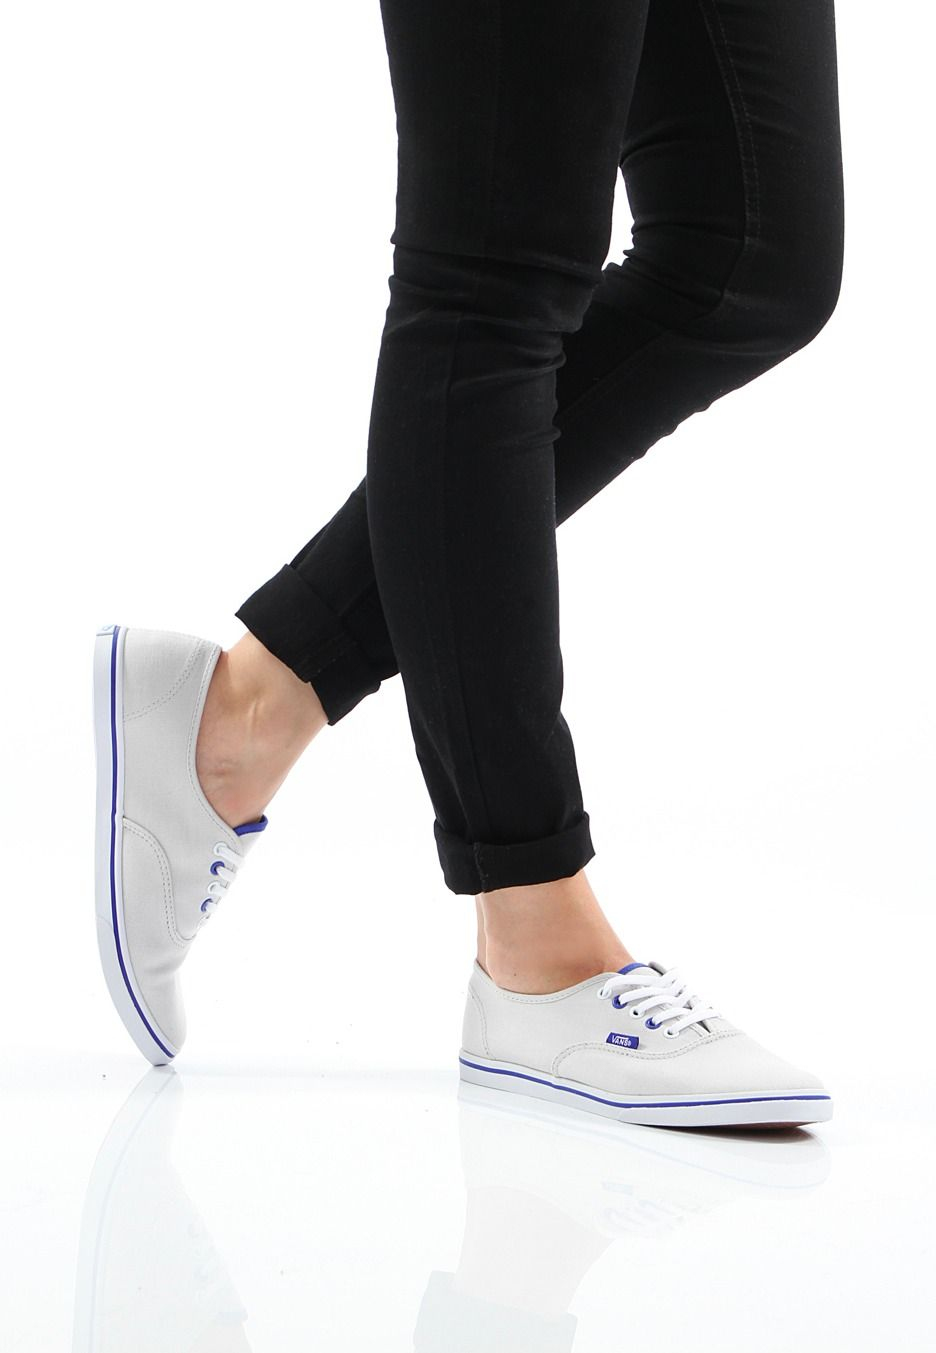 554f1bc44a Want em- Vans - Authentic Lo Pro Lunar Rock True White - Girl Shoes ...